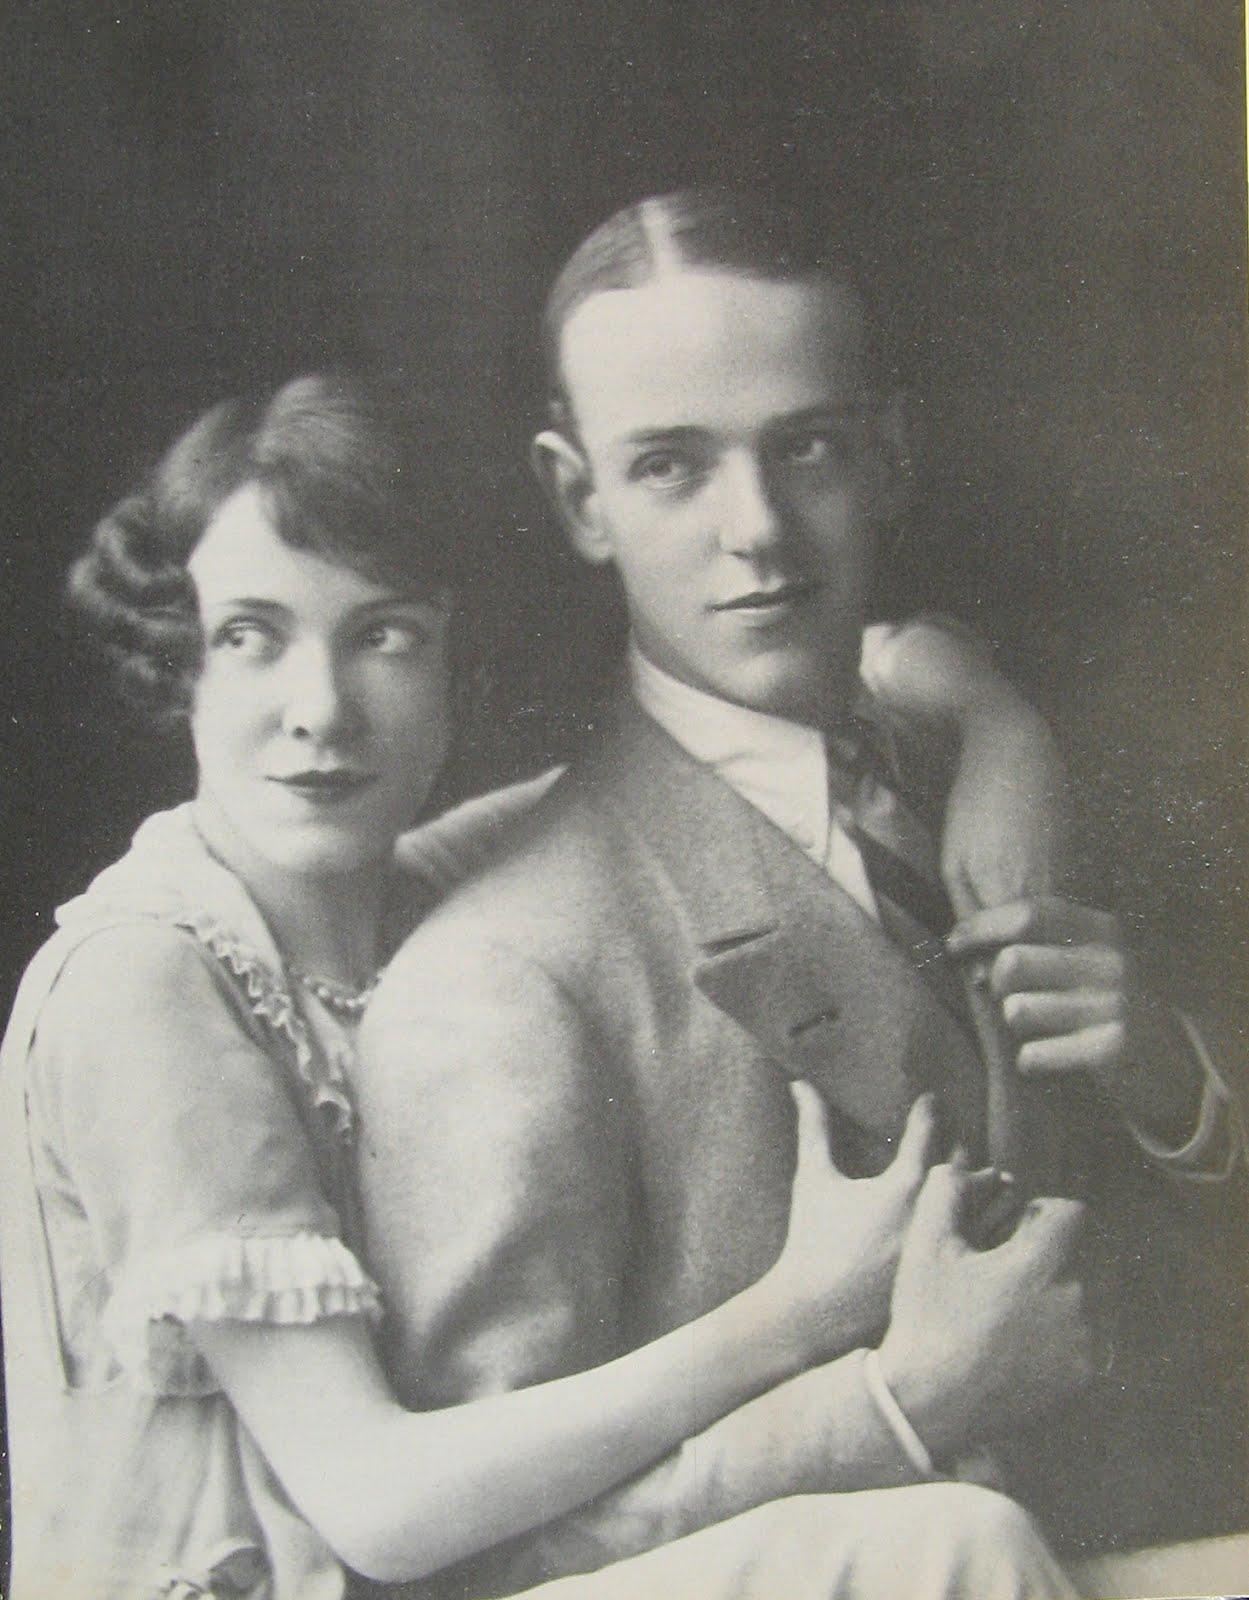 http://3.bp.blogspot.com/-k_Xn1FALmN0/UE9bHHXpMPI/AAAAAAAAFIY/3nil9Wo1geg/s1600/Fred_and_Adele_Astaire_in_1919.jpg